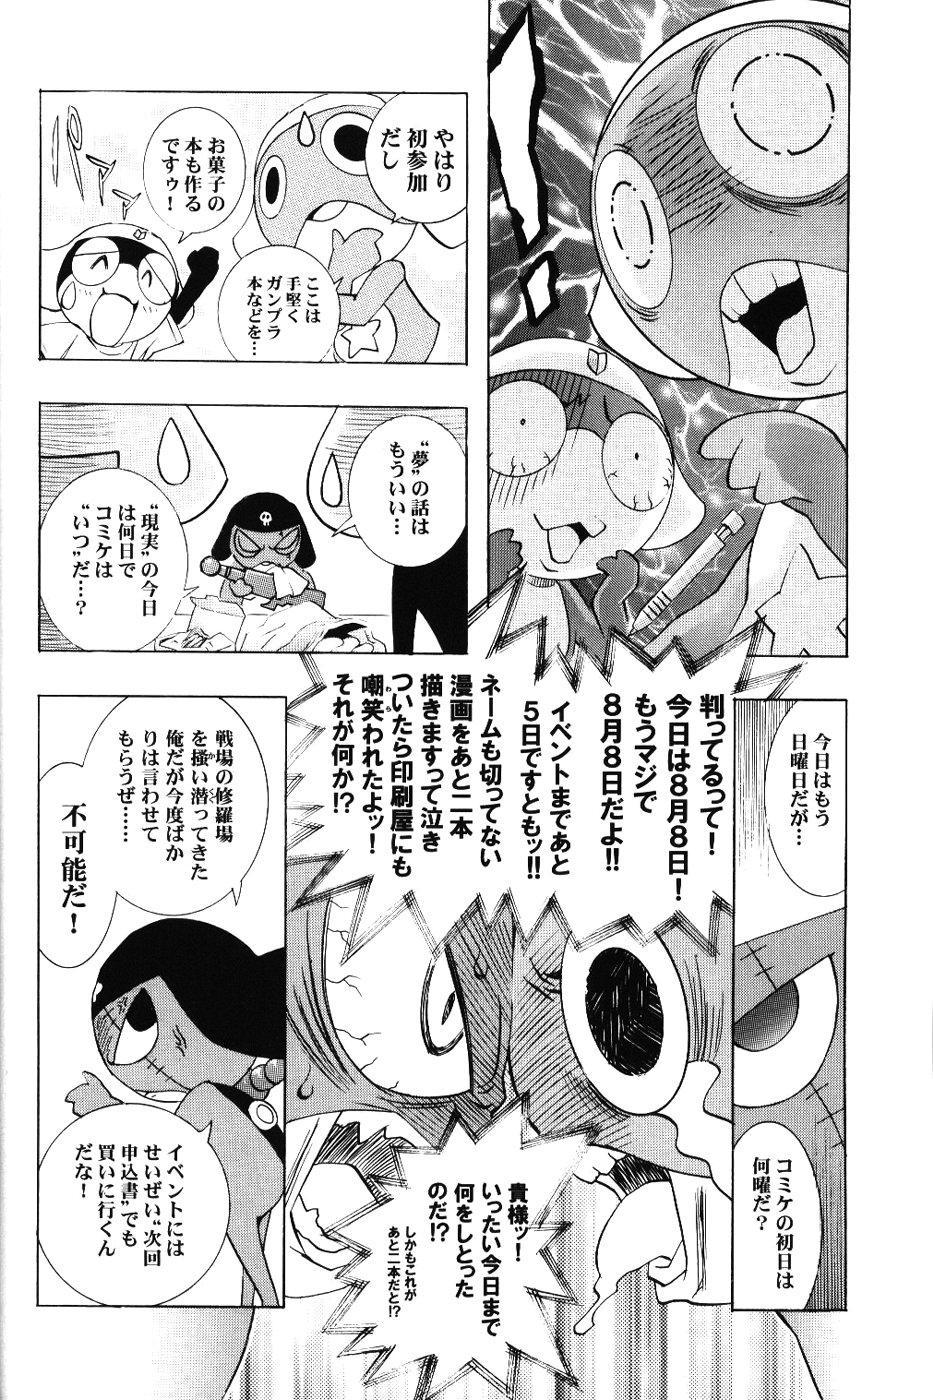 Ayanami Club 3 20